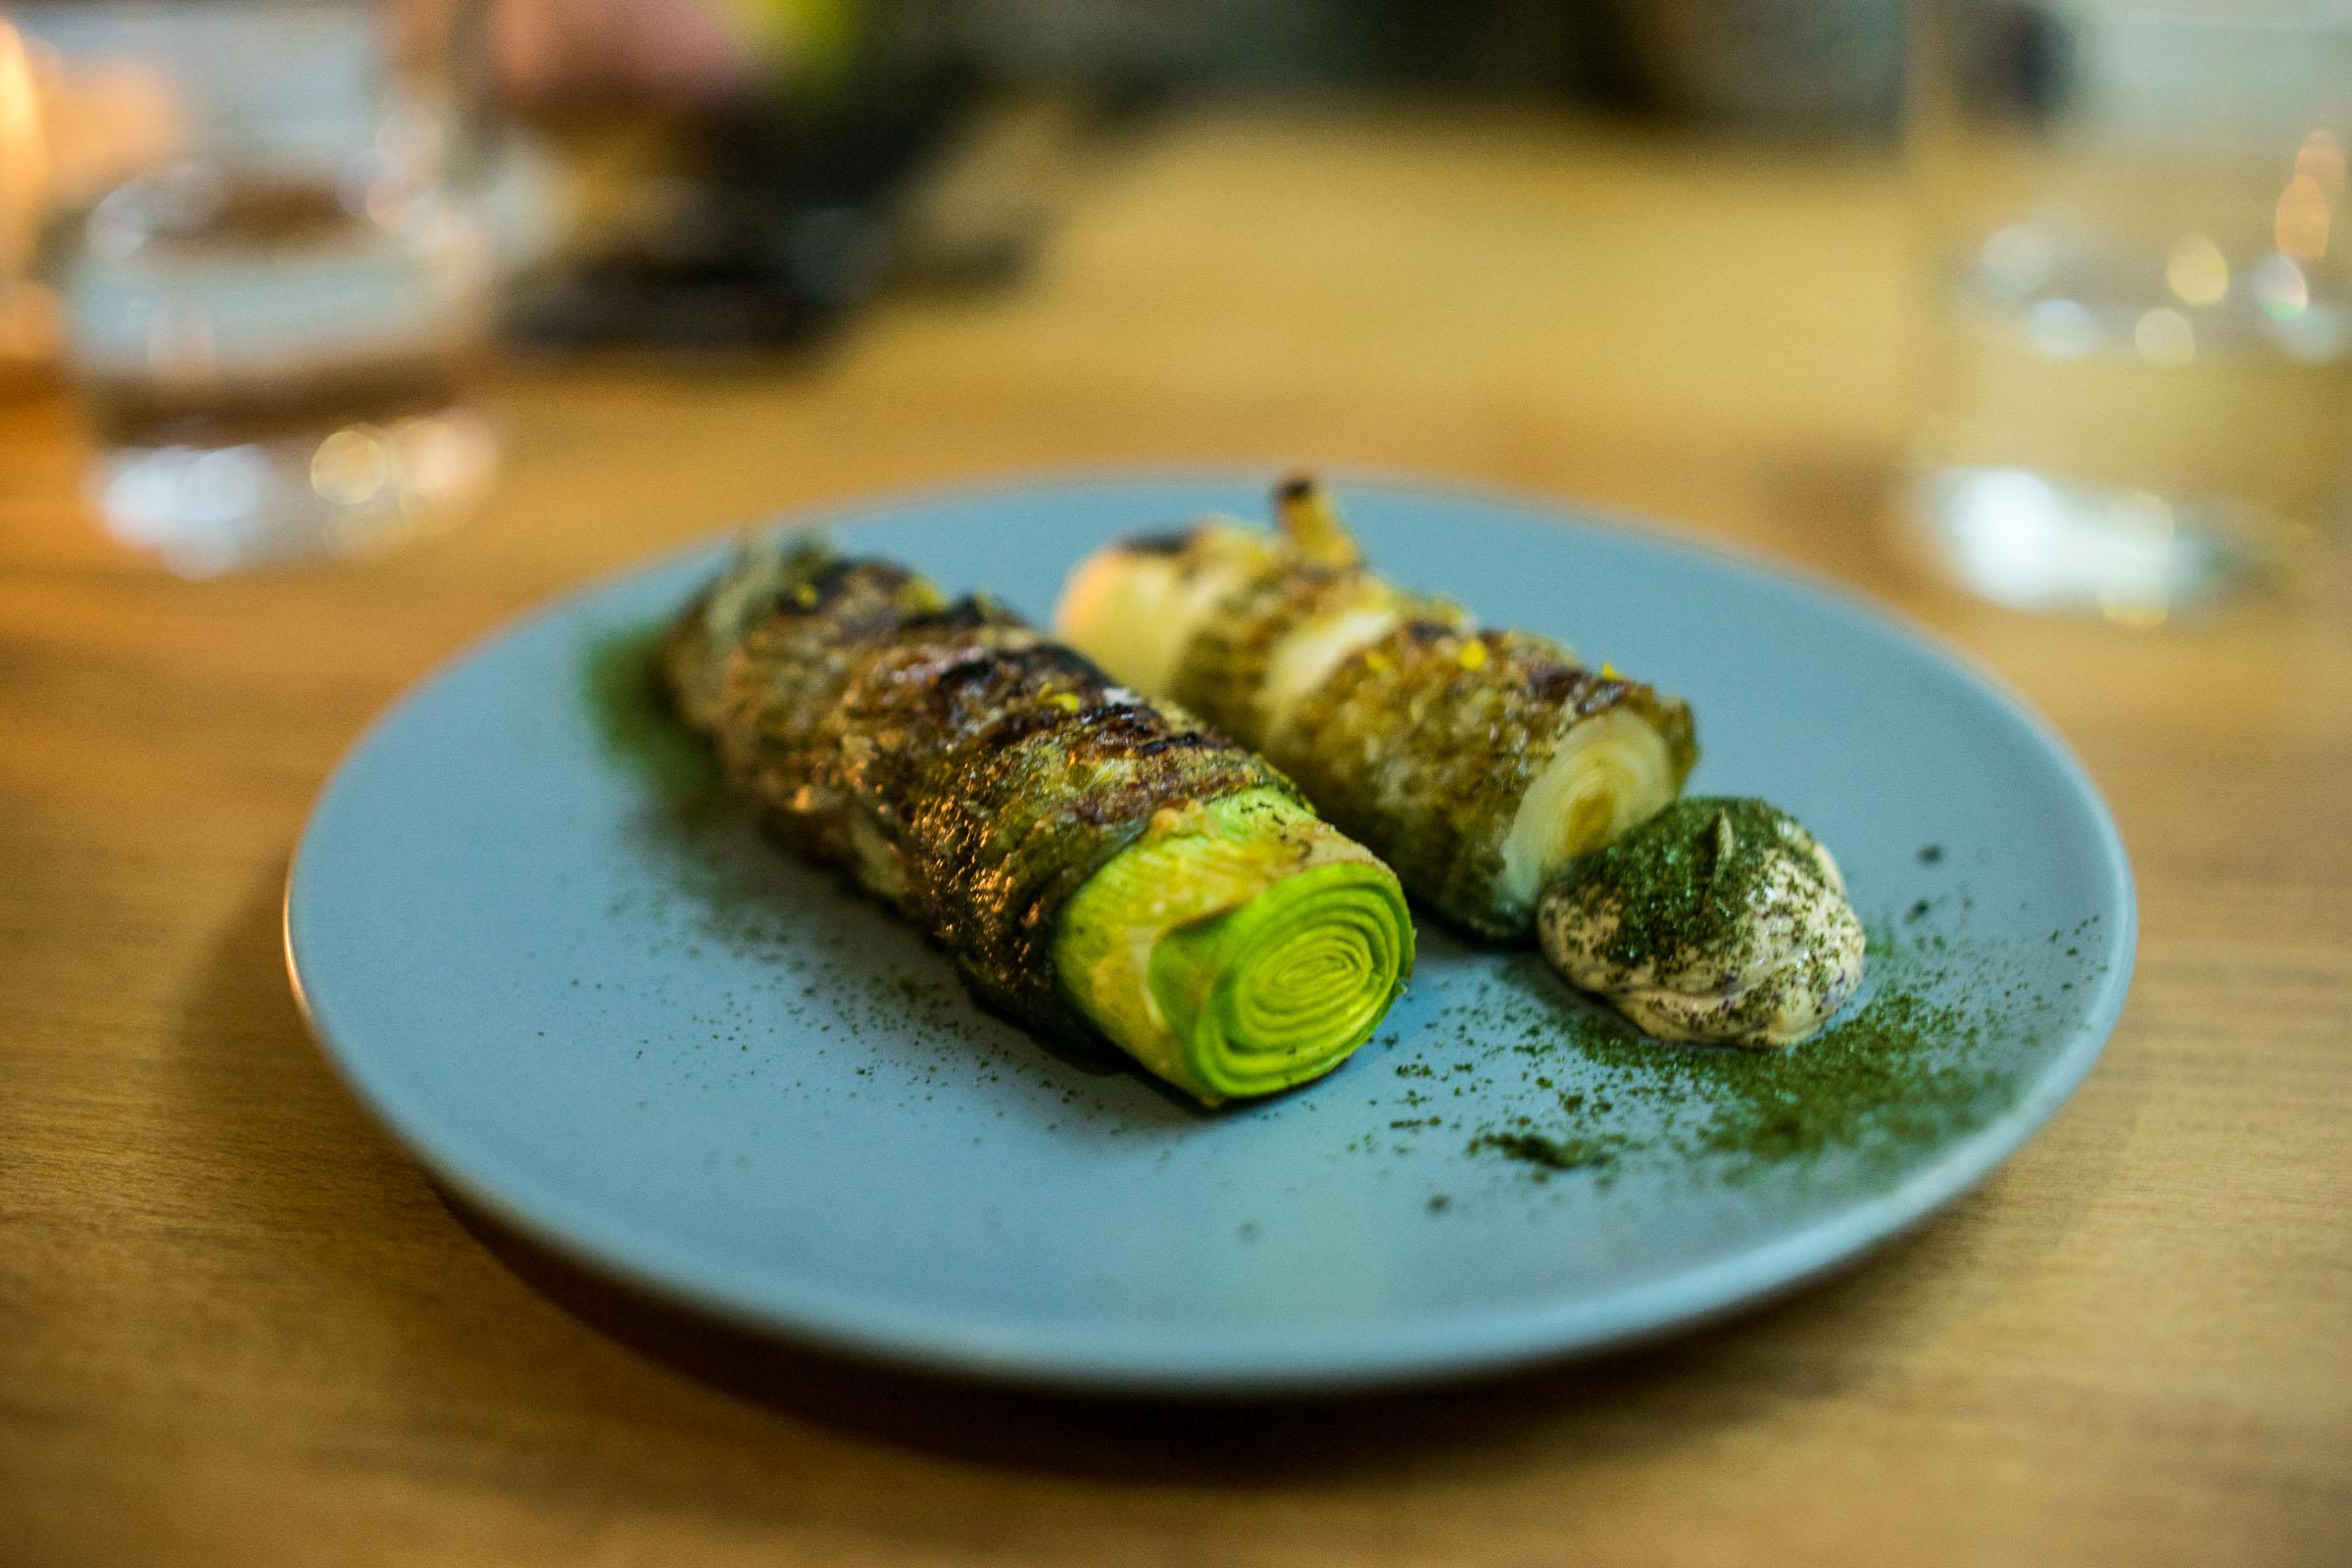 Photo Credit: Per Meurling, Berlin Food Stories